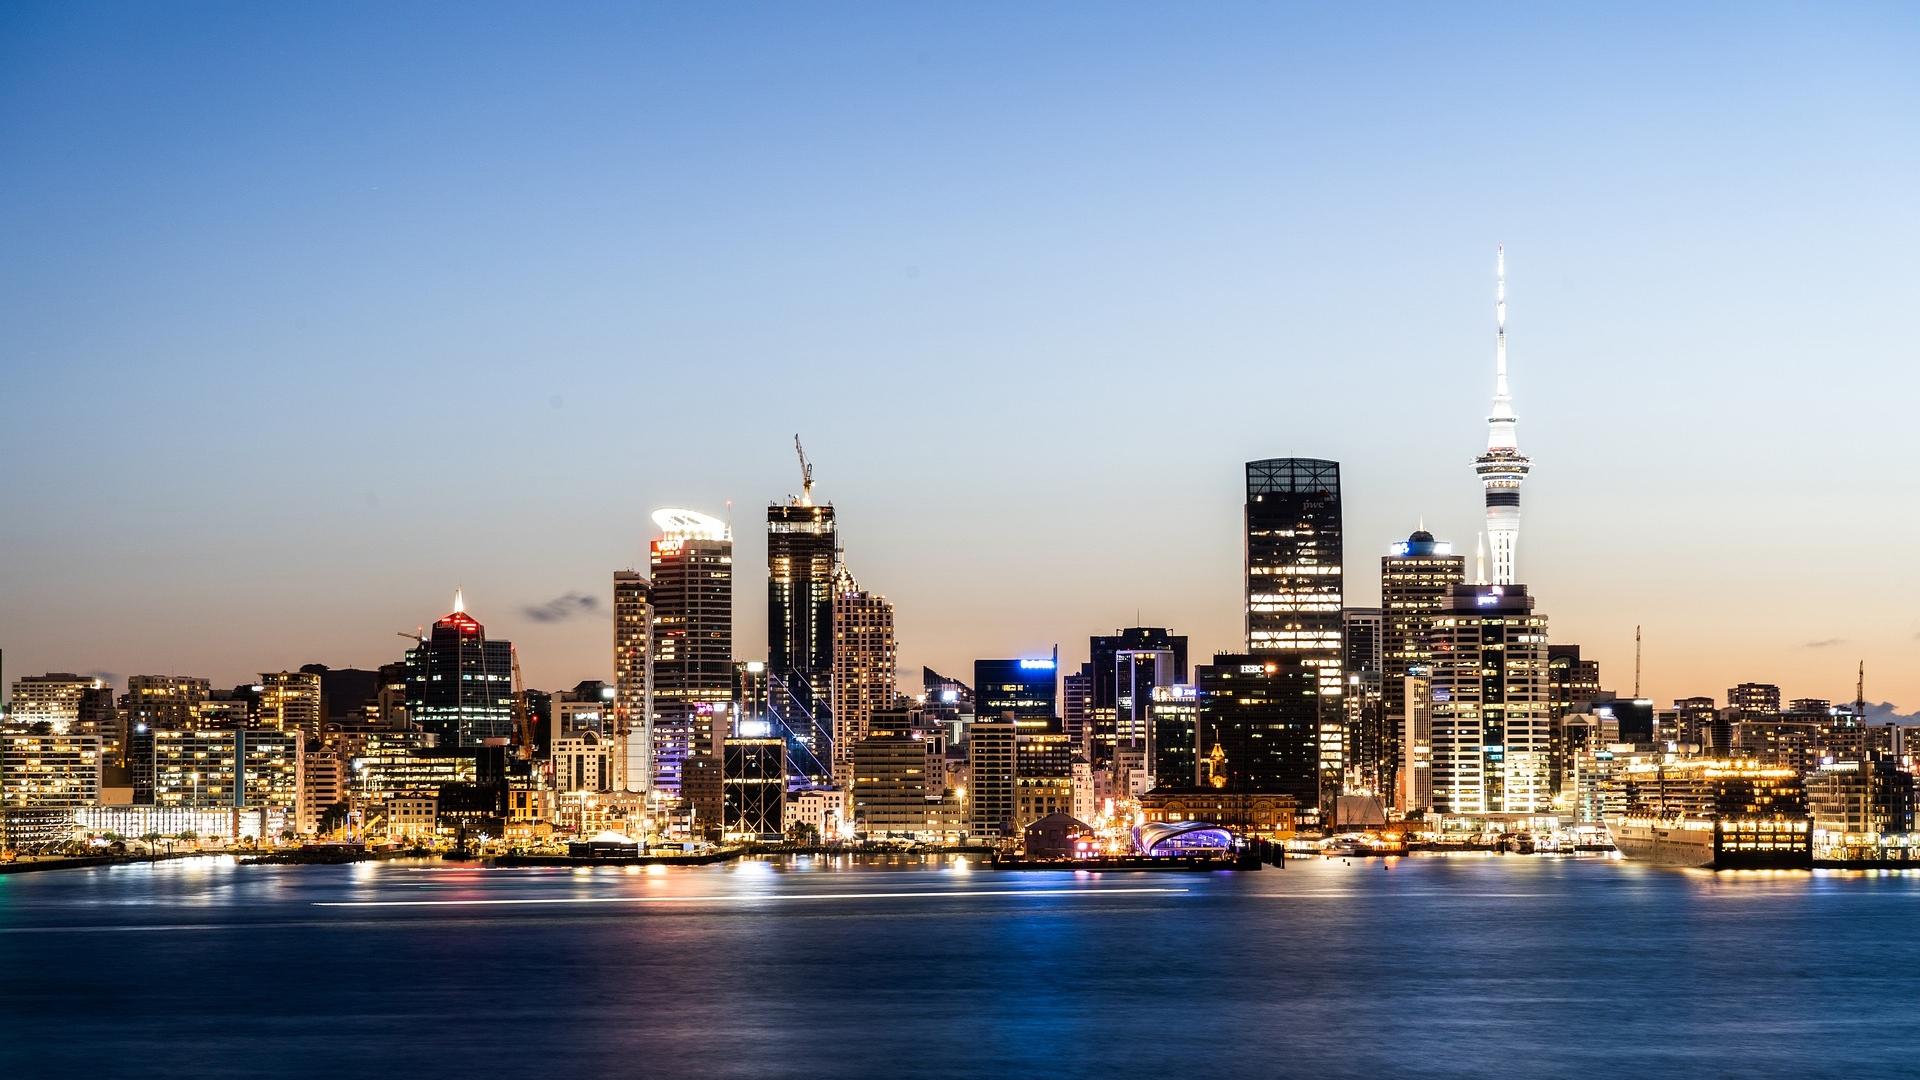 新西兰城市——奥克兰(Auckland)被评为全球最宜居城市,图为奥克兰。(图片来源:Pixabay)